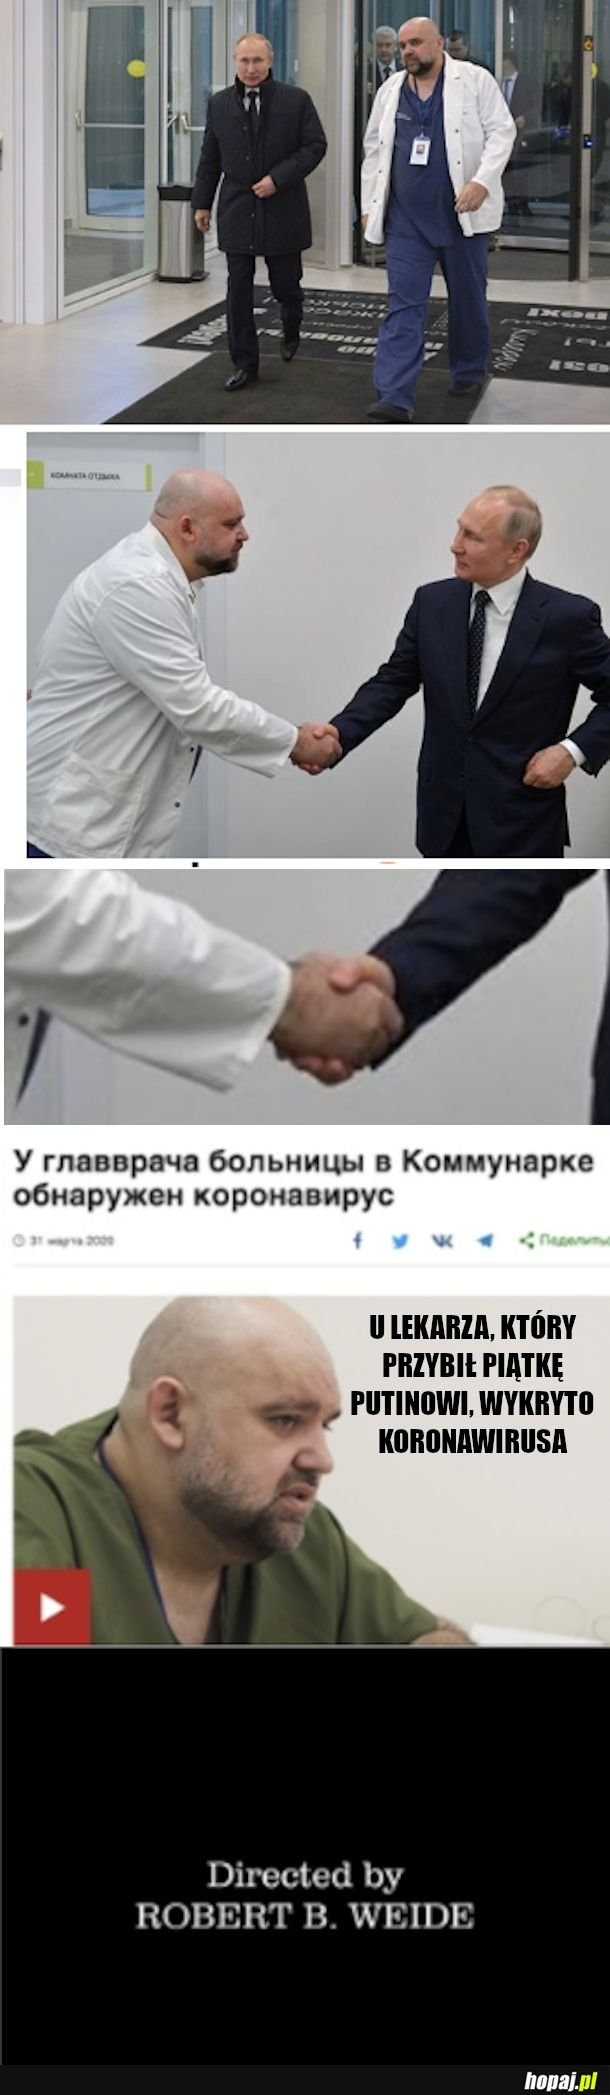 Krótka historia pewnego rosyjskiego lekarza